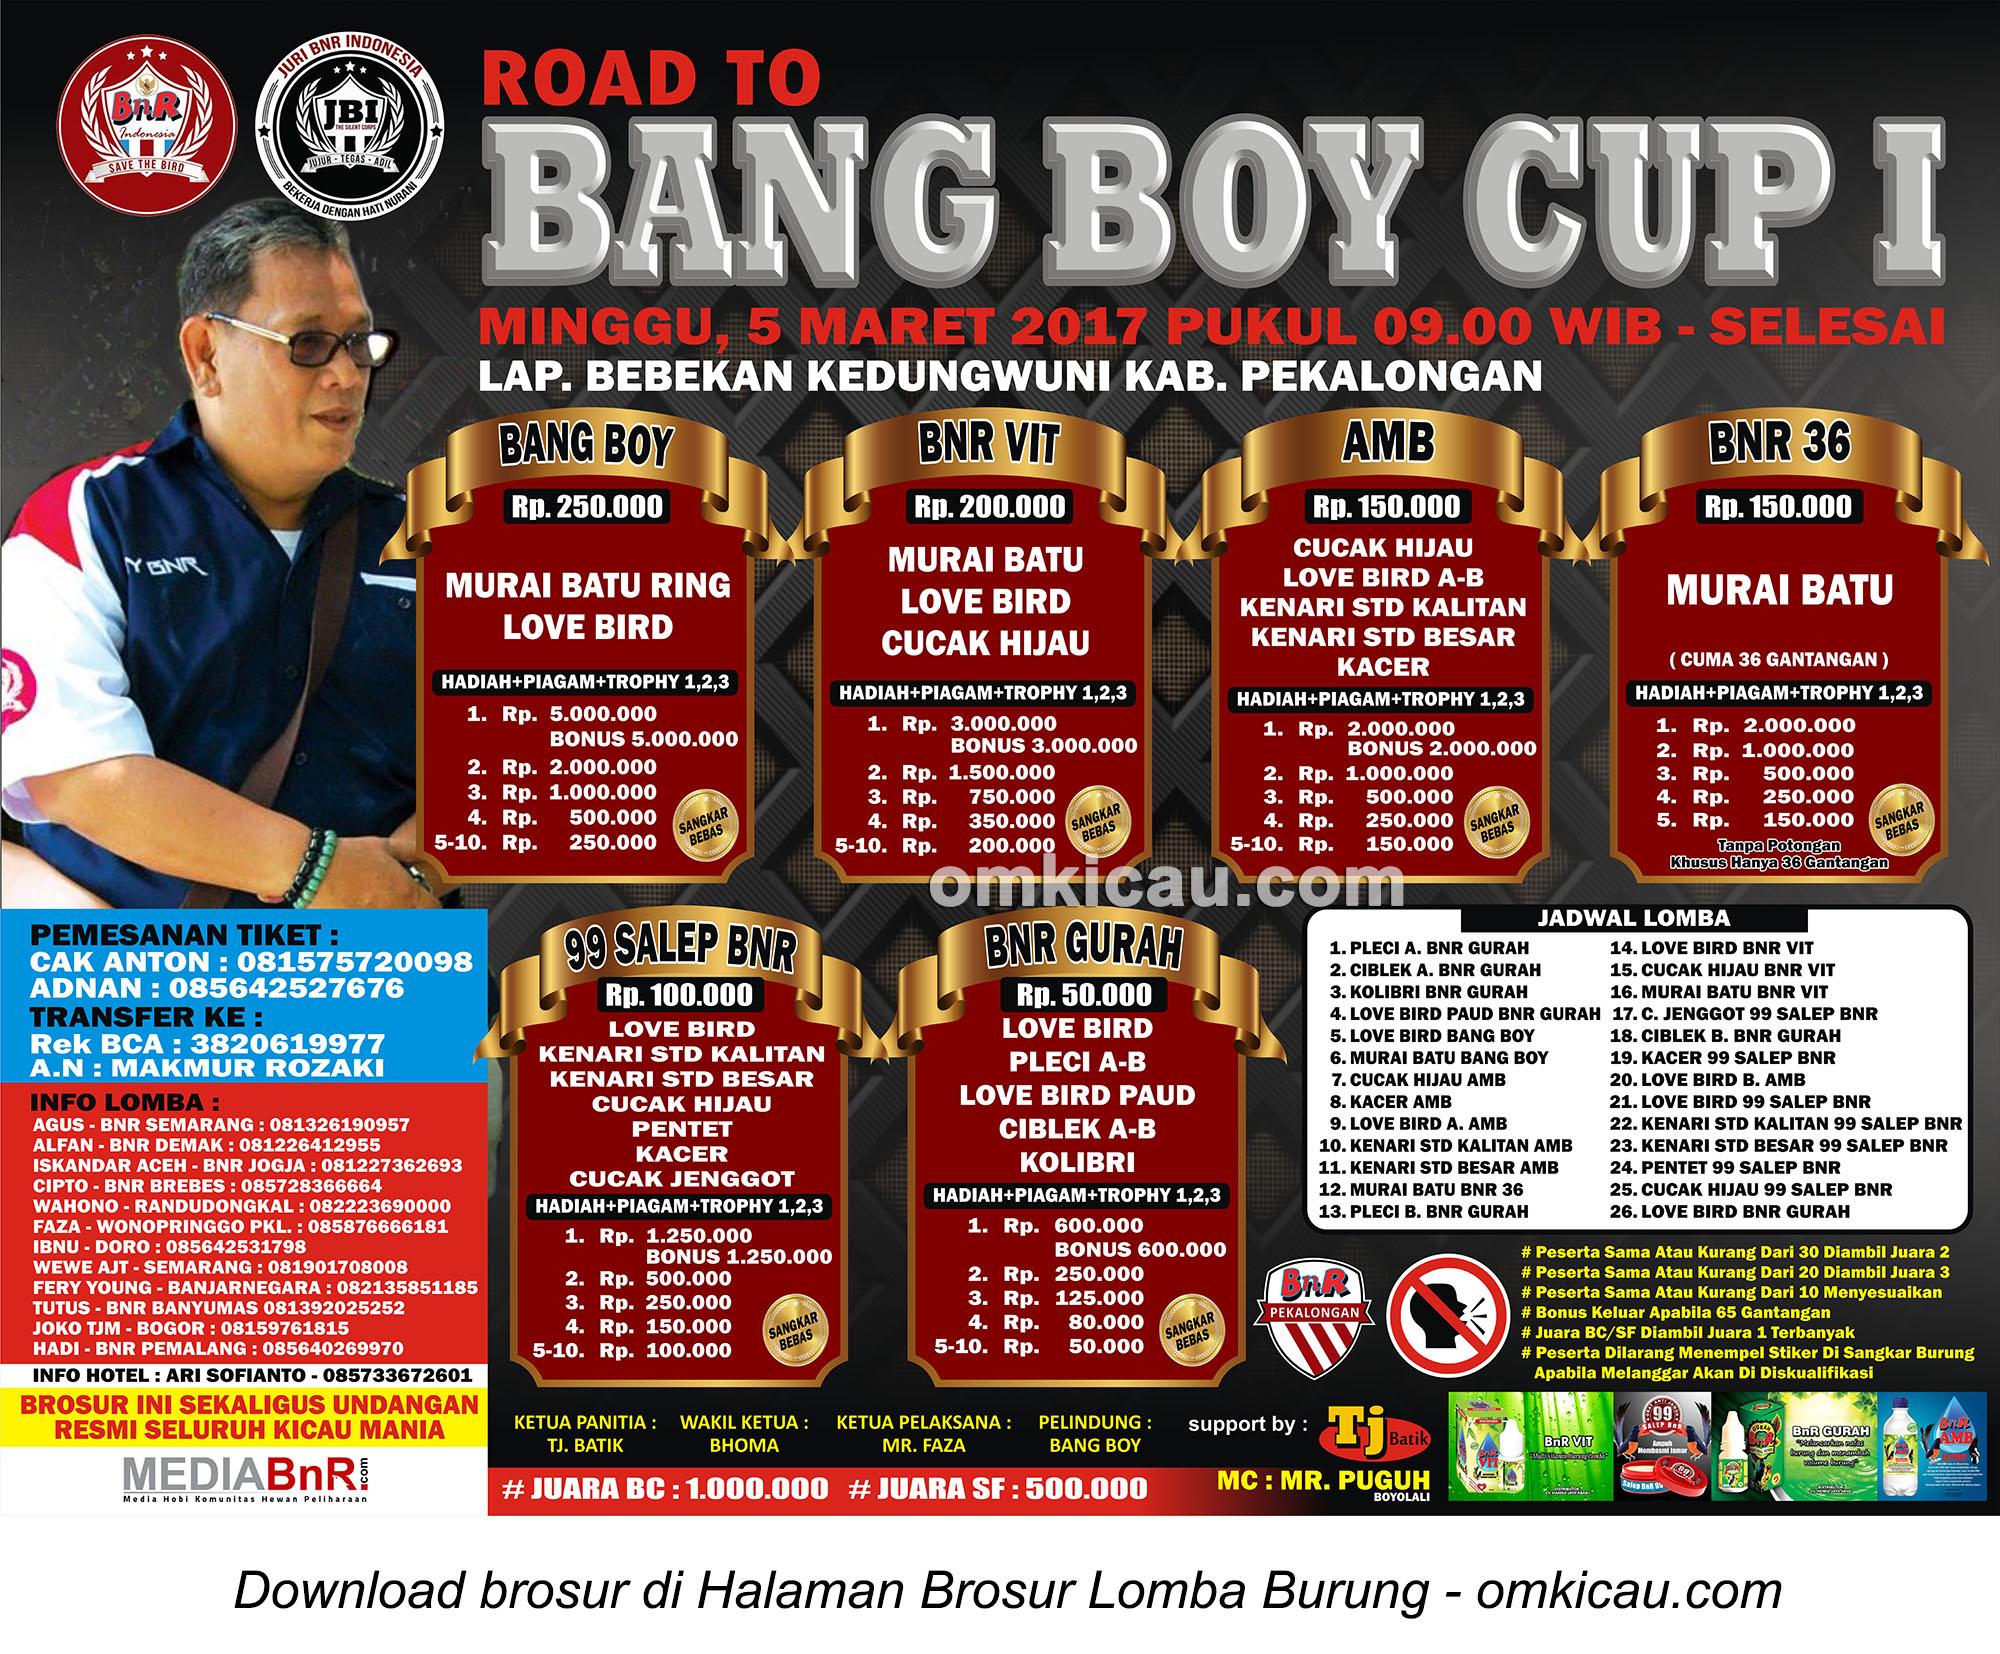 Brosur Lomba Burung Berkicau Road to Bang Boy Cup I, Pekalongan, 5 Maret 2017